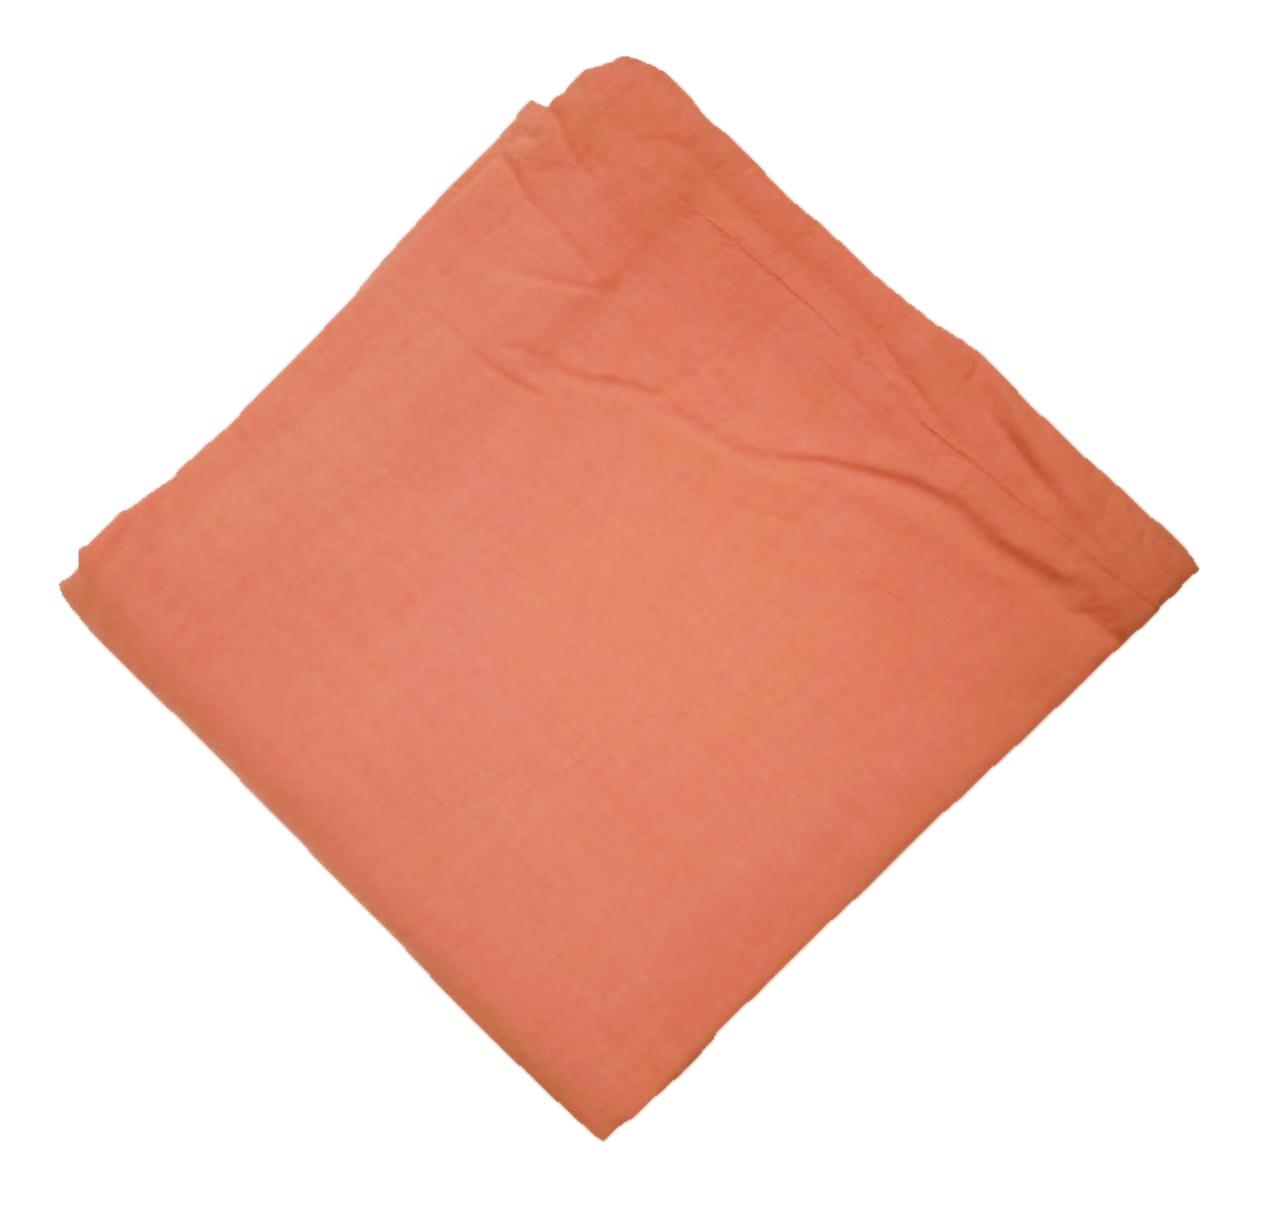 Peach Crush Cotton Dress Material Cutpiece CJ044 1